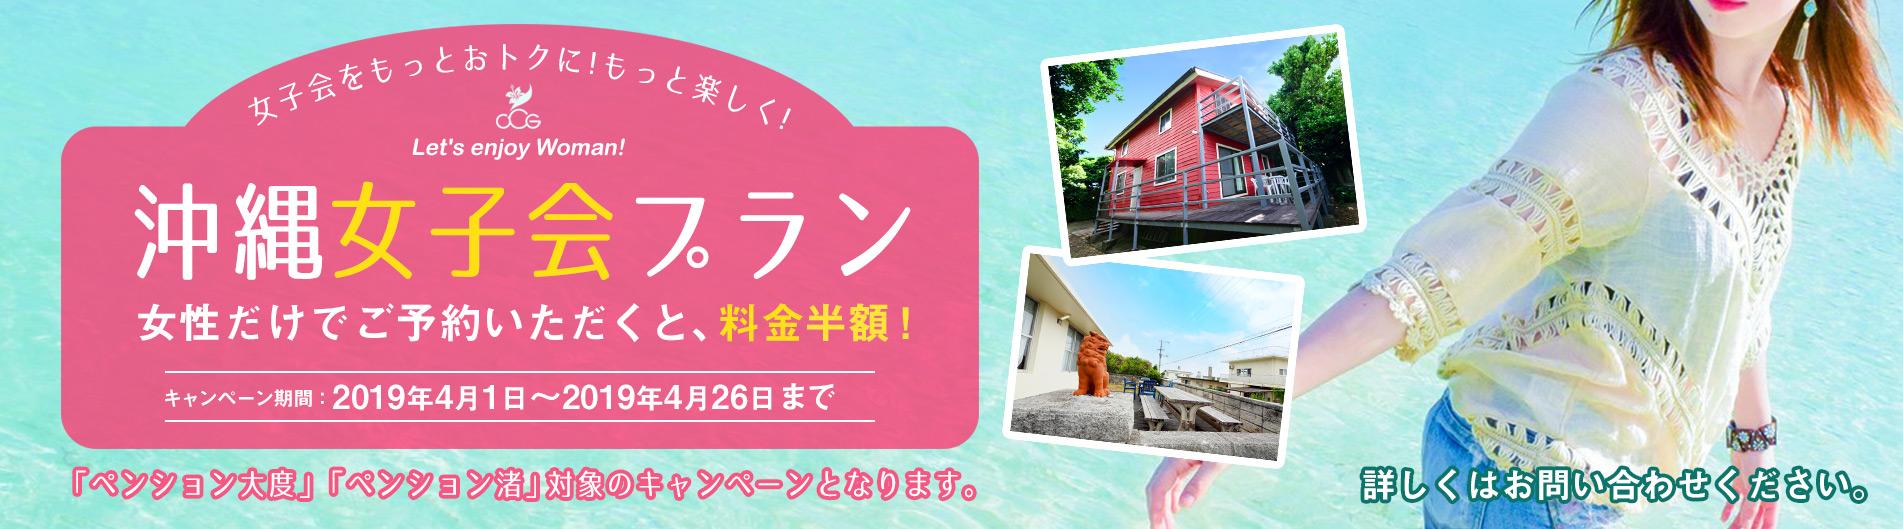 沖縄の宿泊施設で女子会